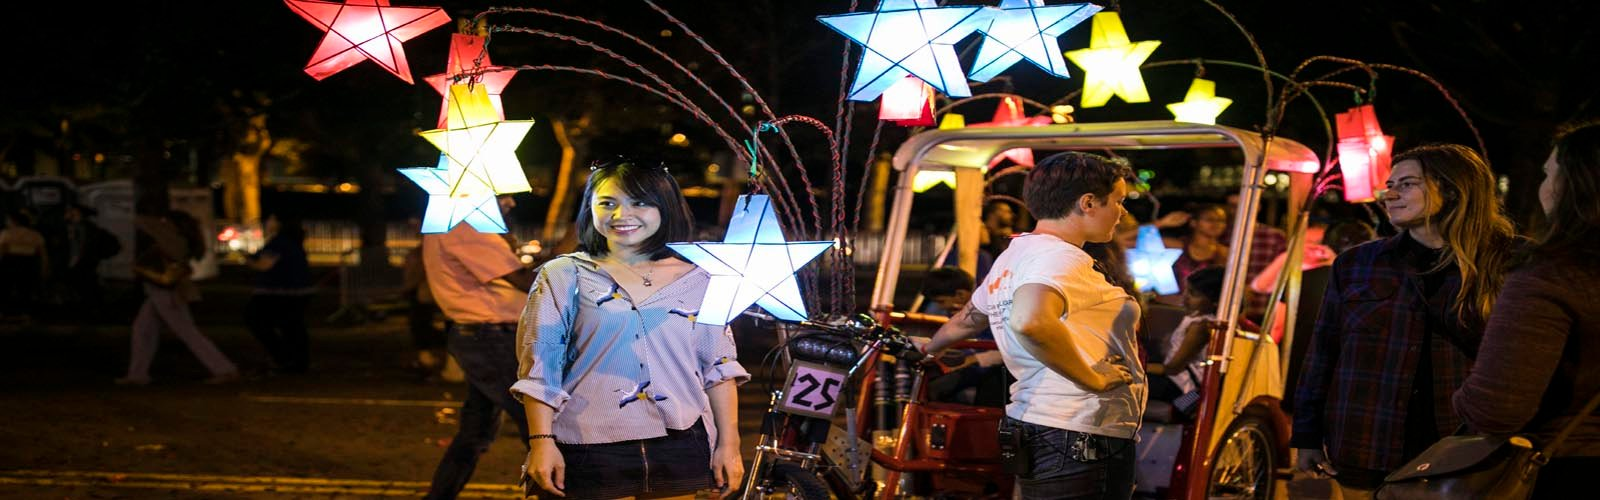 Chinese artist brings lantern rides to US